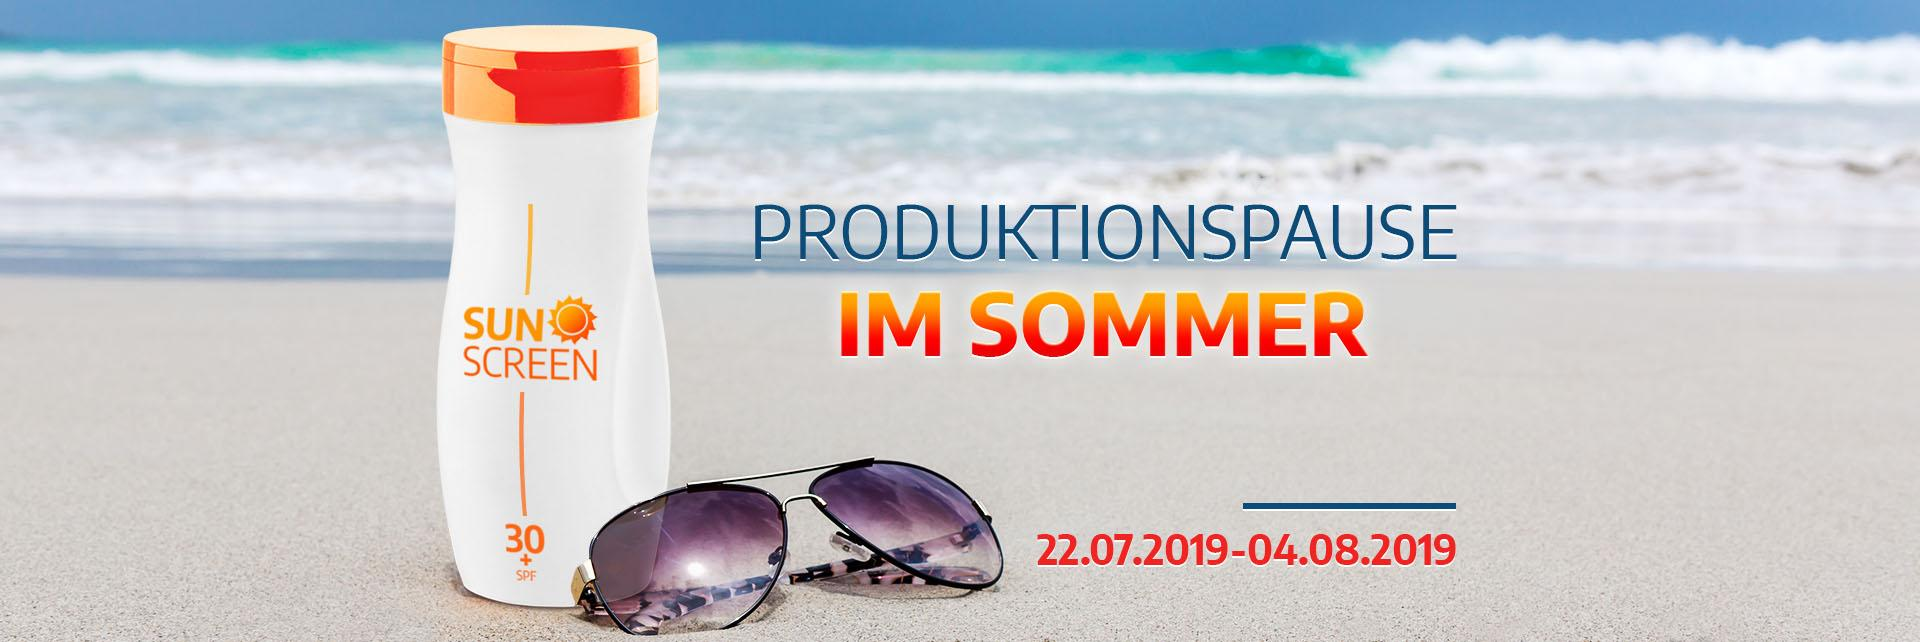 bech_www_przerwa produkcyjna_DE